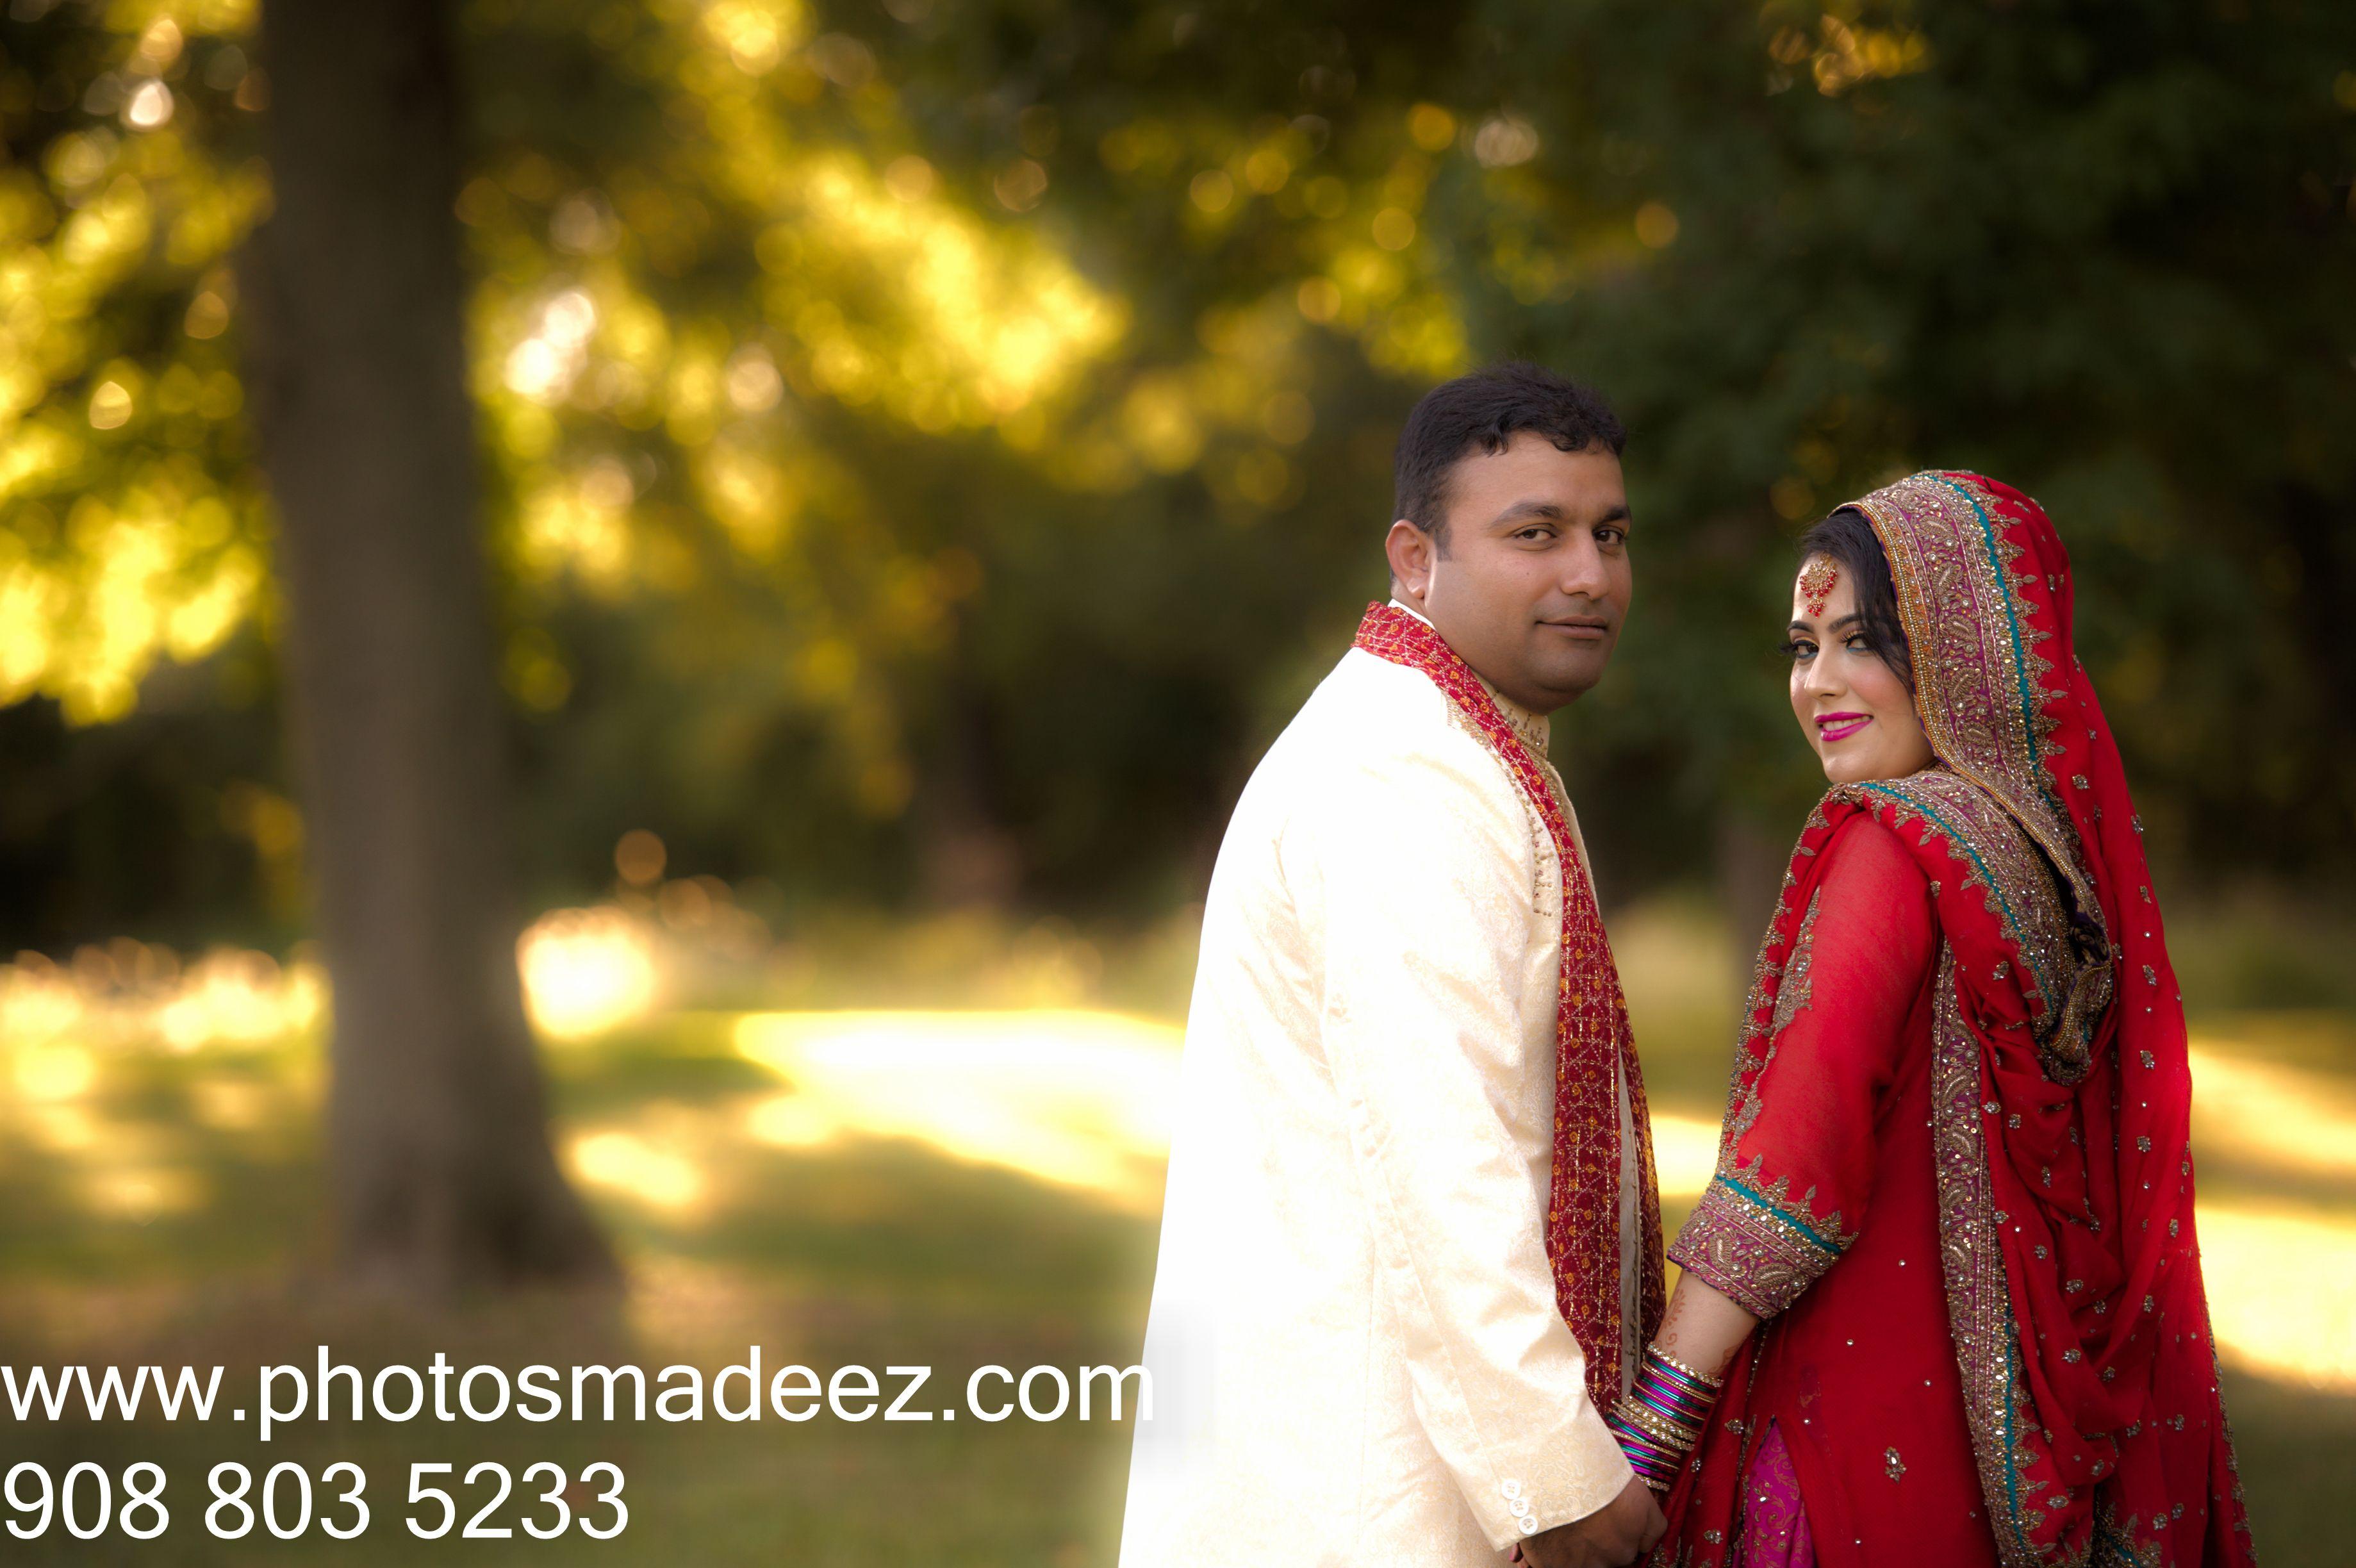 Pakistan Wedding - Muslim Bride and Muslim Groom in Ruksati